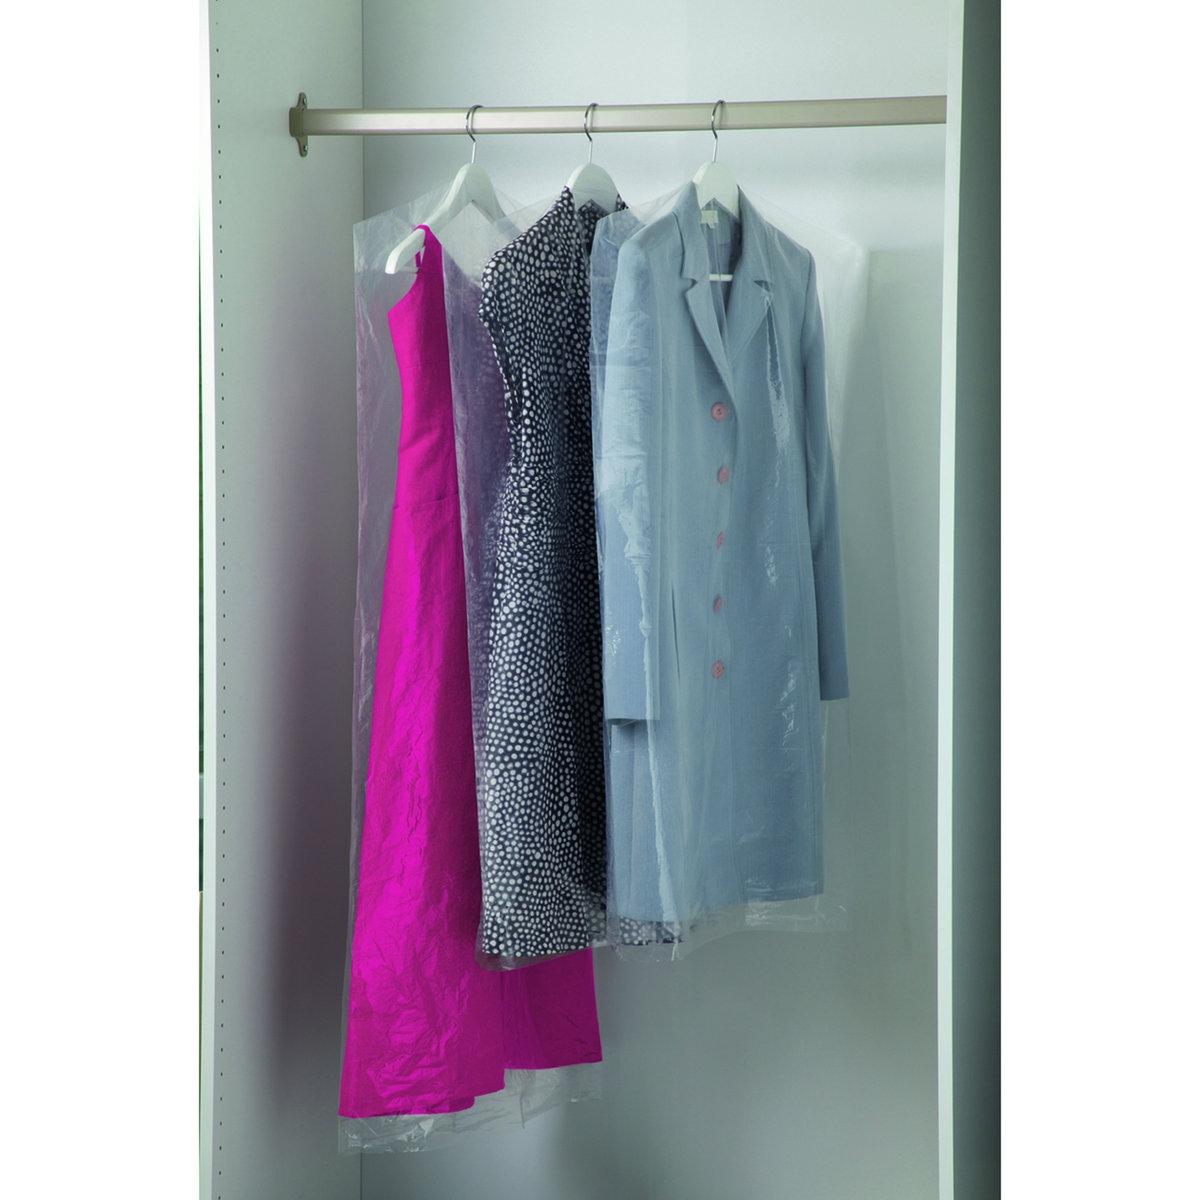 6 чехлов для одеждыКомплект из 6 защитных чехлов для одежды. 2 больших и 4 маленьких чехла для защиты самых ценных предметов гардероба!Характеристики 6 защитных чехлов для одежды:выполнены из прозрачного полиэтилена. Прорезь для плечиков длиной 6 см. Застежка в нижней части чехла для легкого натягивания на одежду. Размер 6 защитных чехлов для одежды:2 x Ш. 60 x Д. 135 см, 4 x Ш. 60 x Д. 105 см<br><br>Цвет: бесцветный